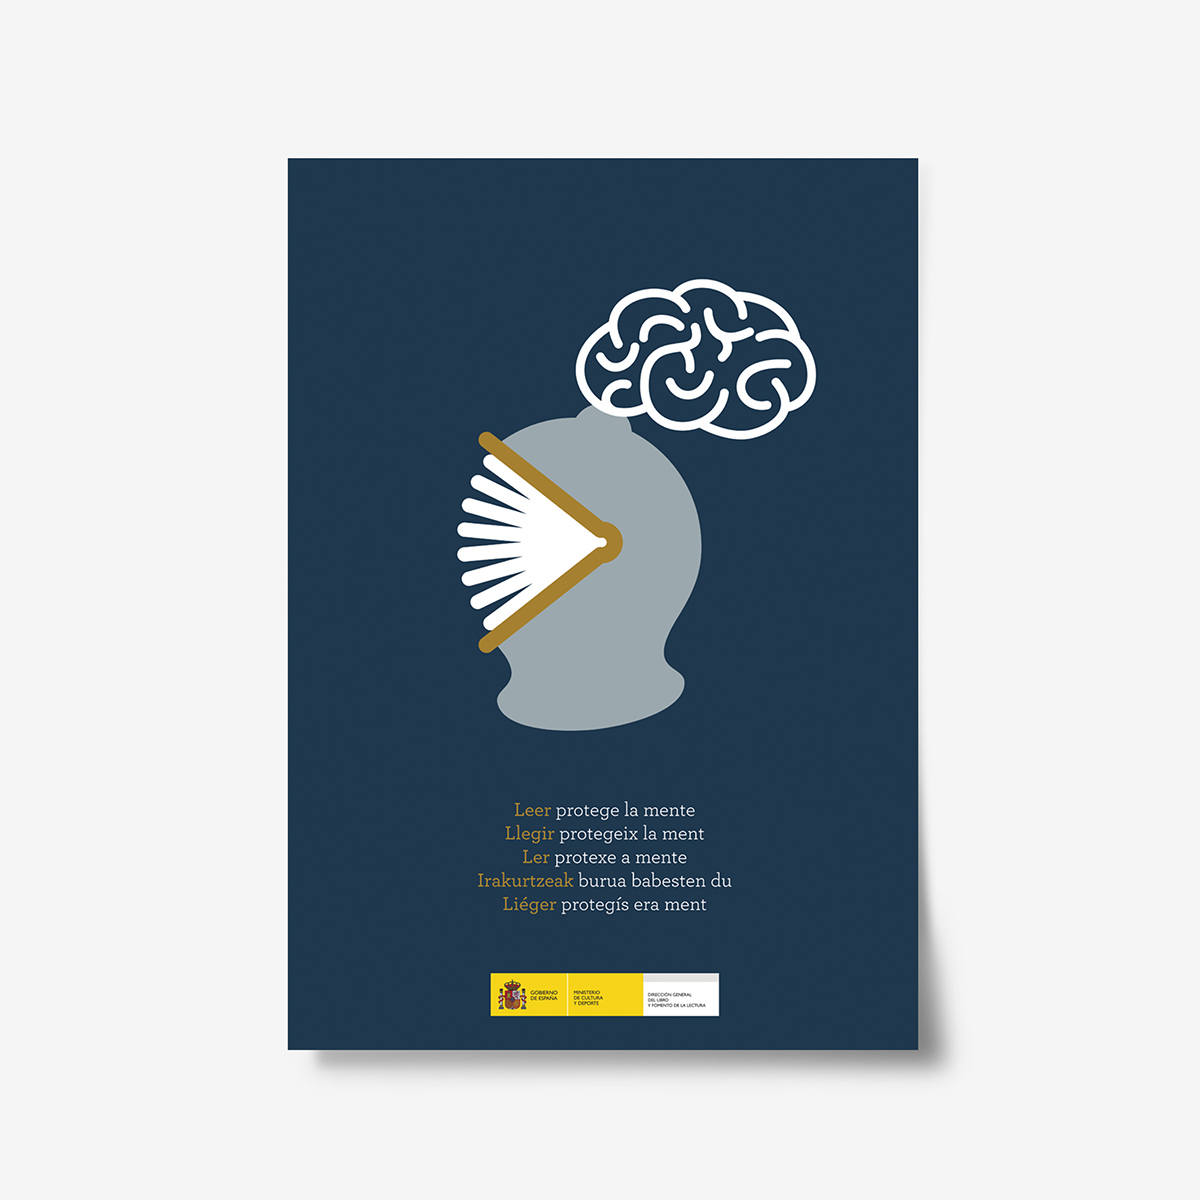 Leer protege la mente. Cartel by Goyo Rodríguez